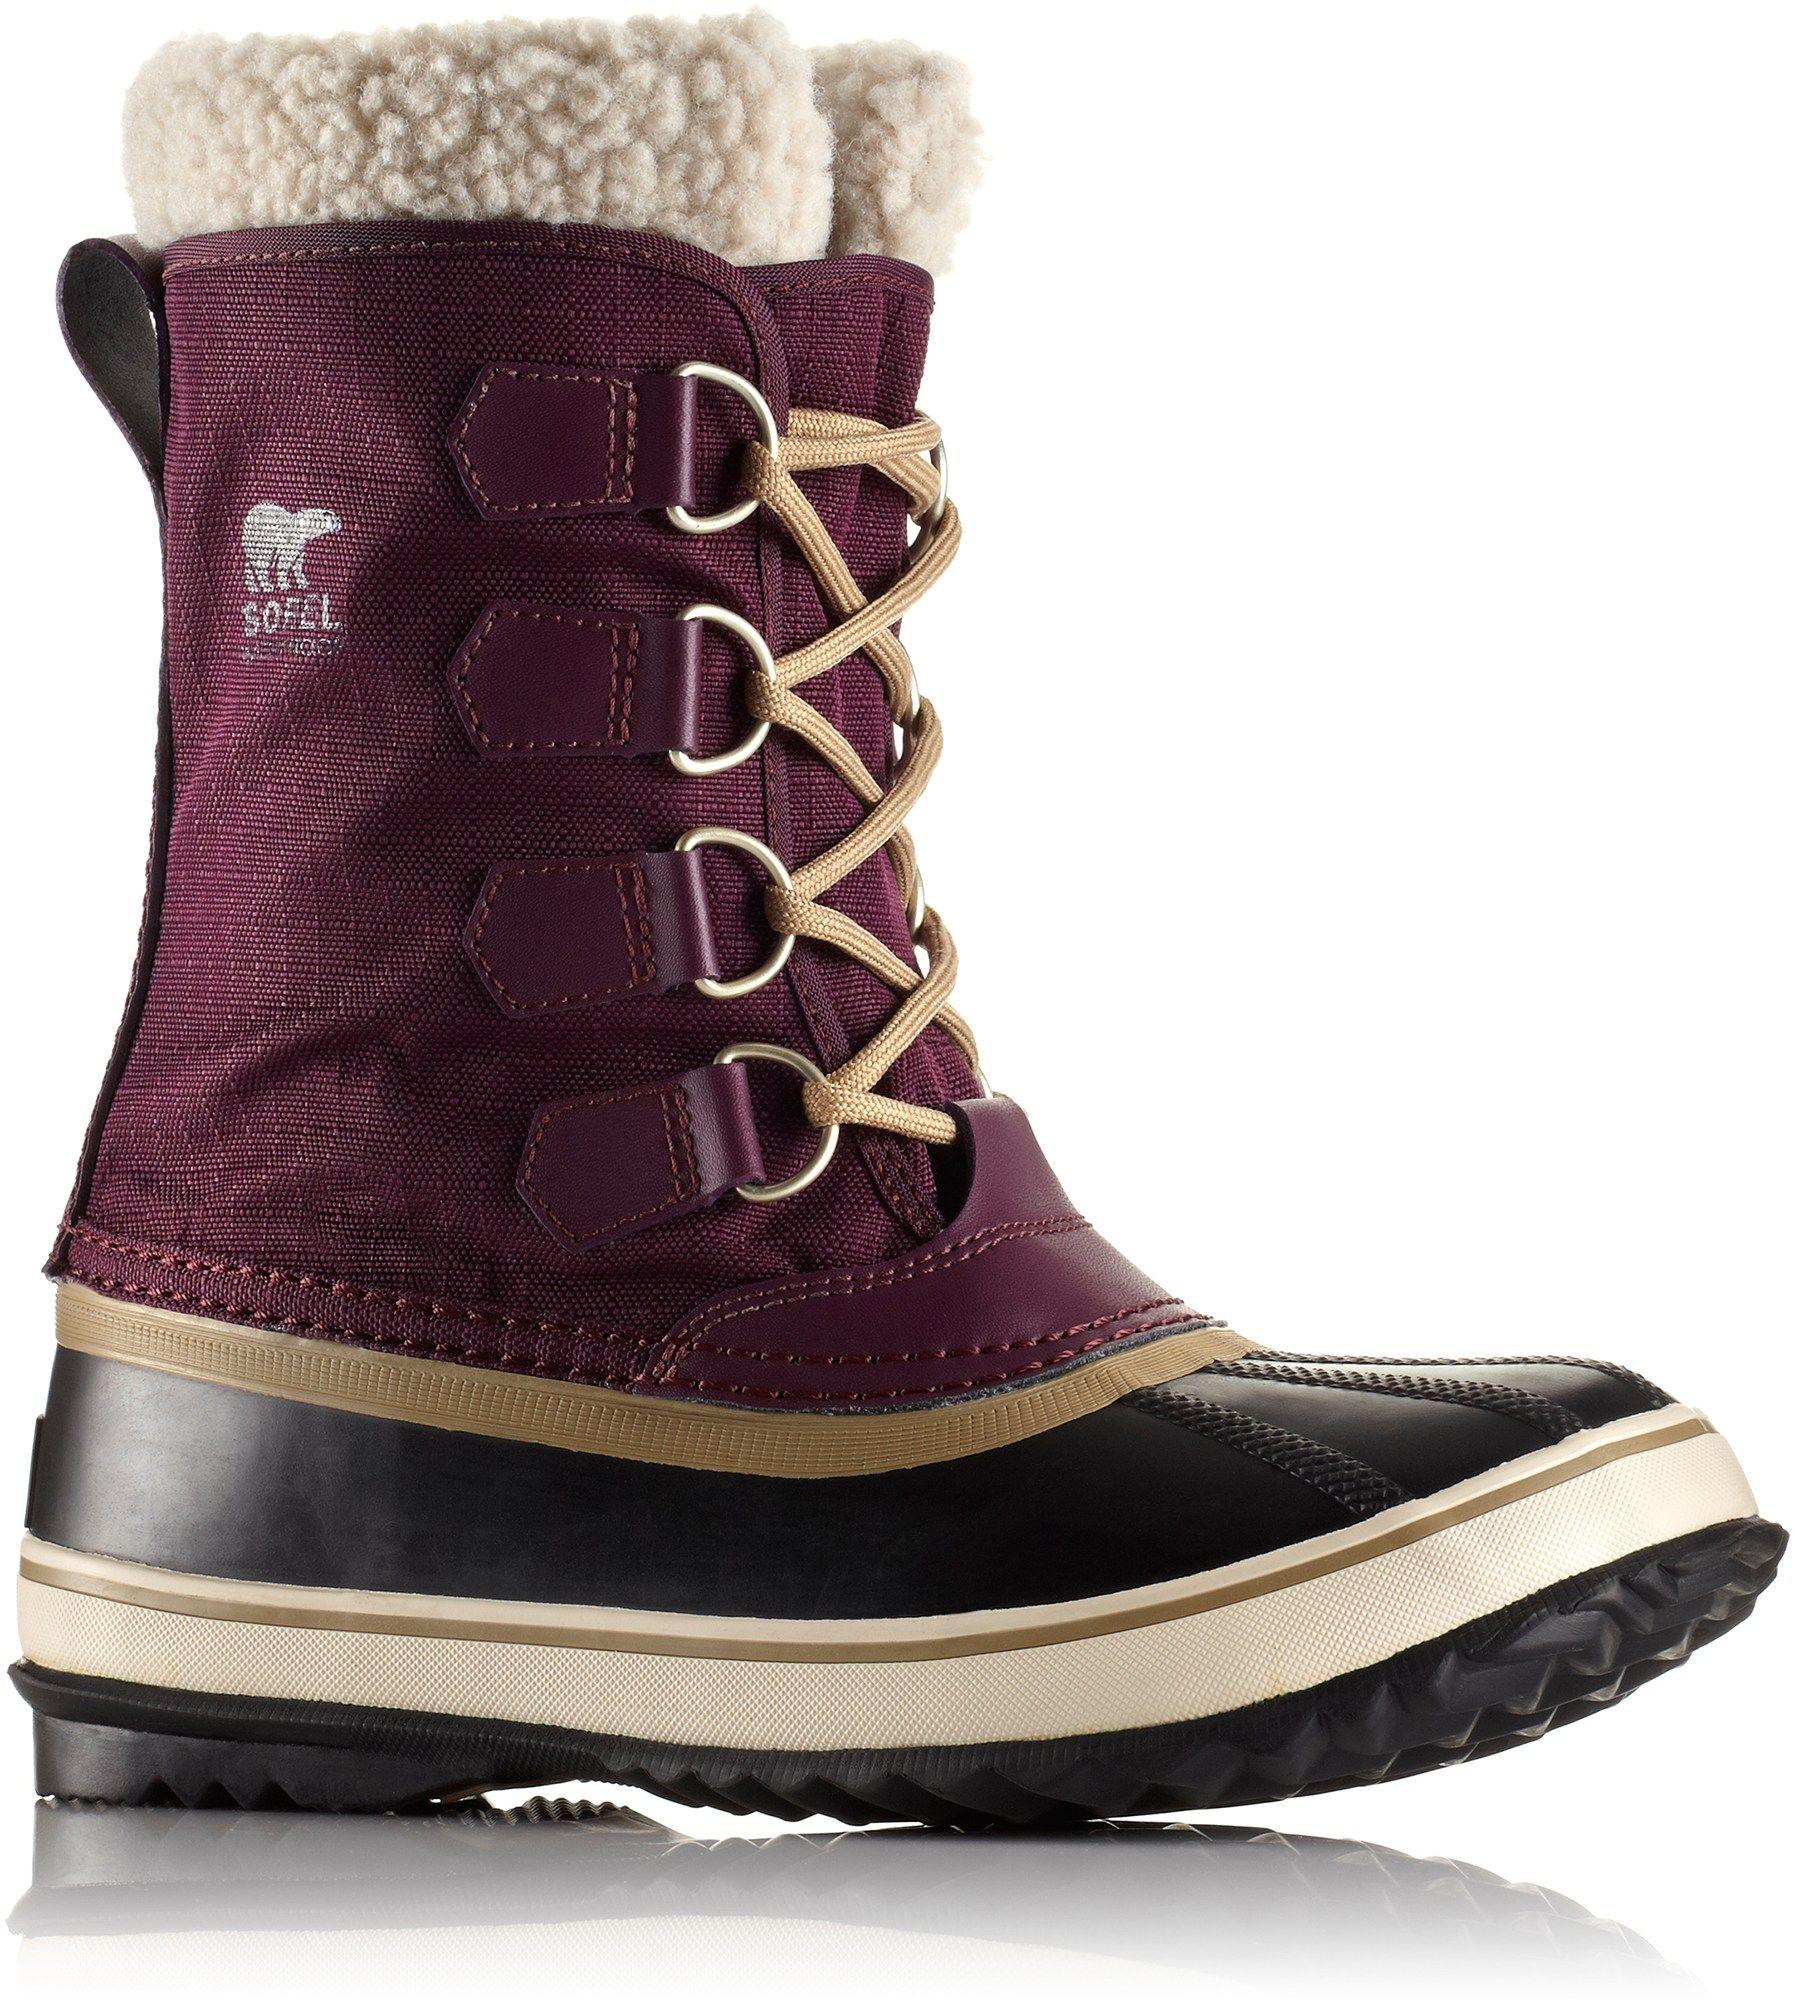 rei sorel mens boots